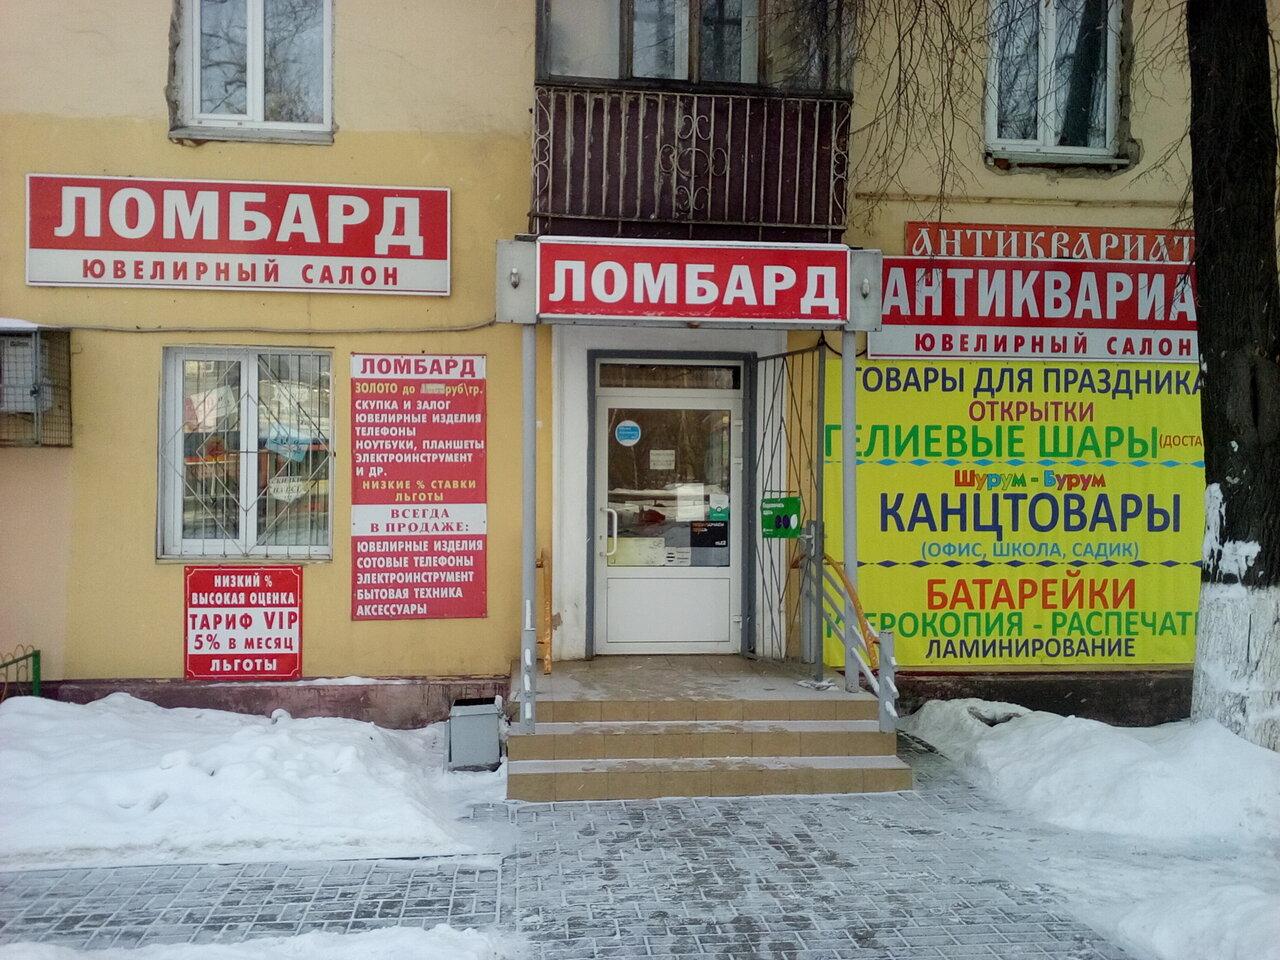 Новгород ломбард 24 автозавод нижний часа сломанных москве скупка часов в